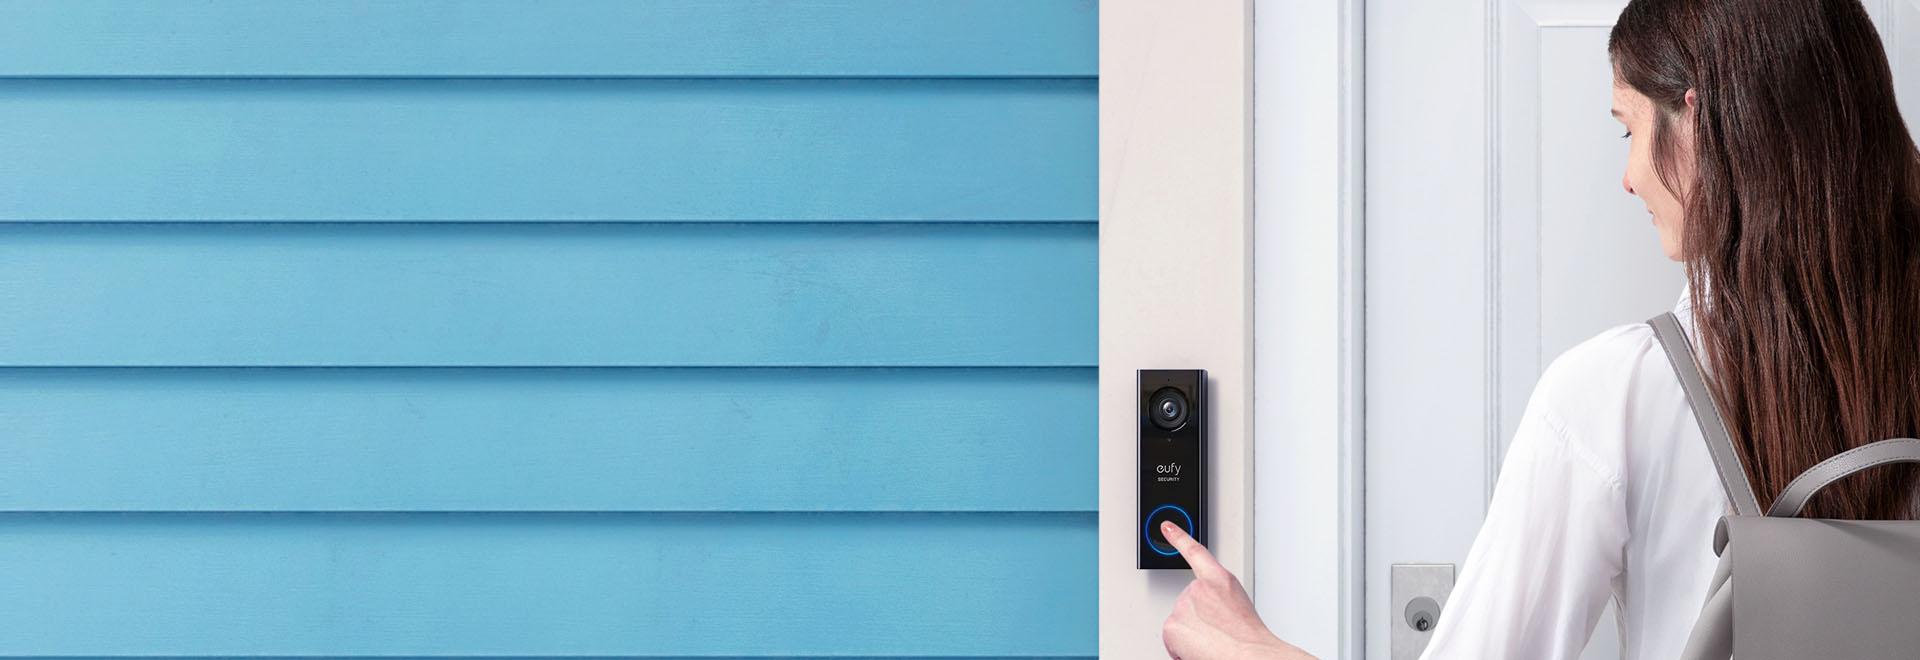 Smart Doorbells & Locks